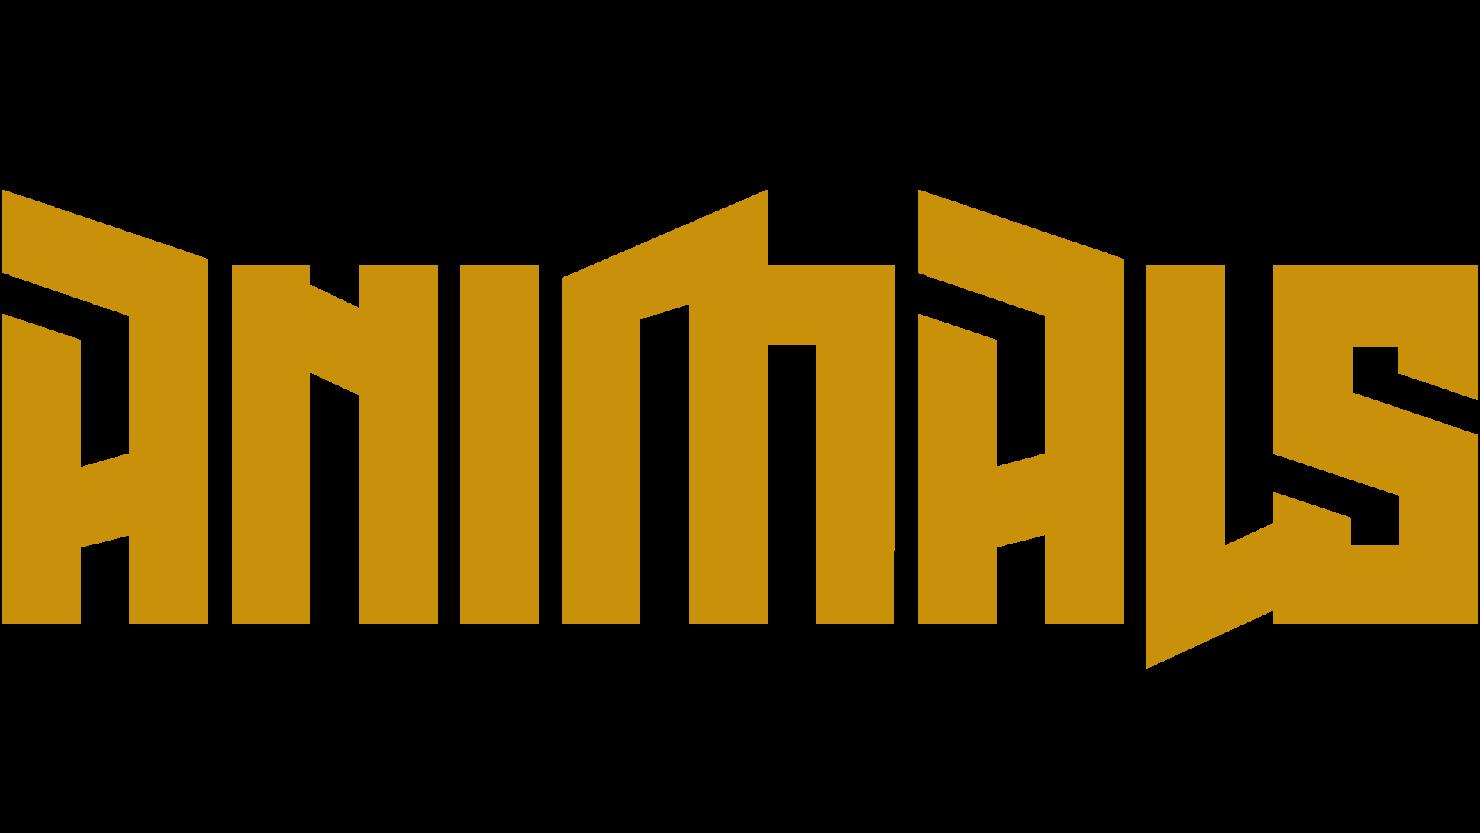 animals_text_logotype